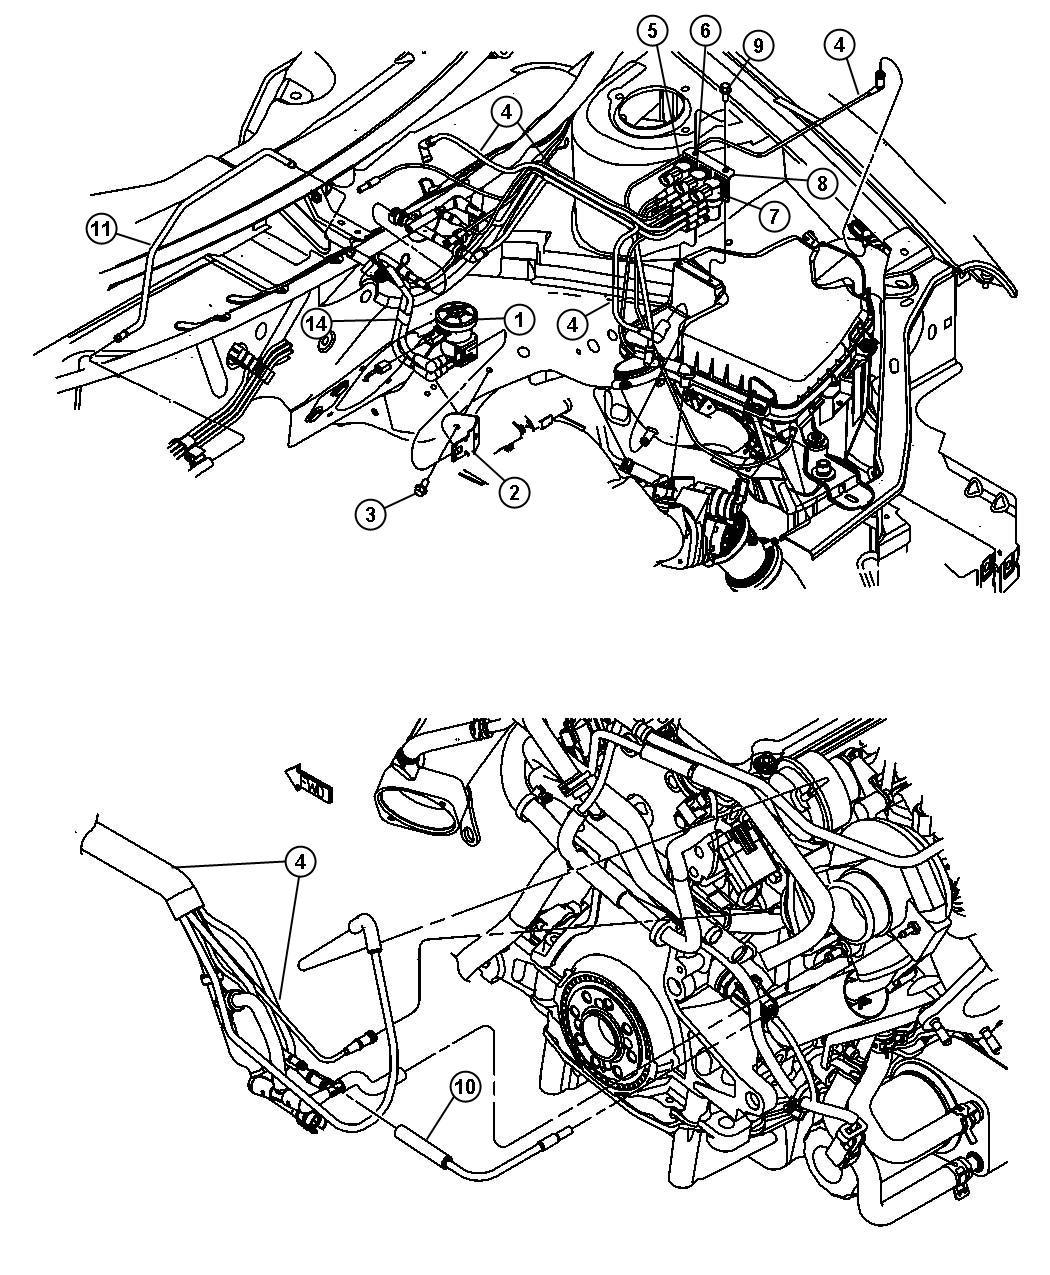 tags: #ka24e vacuum diagram#ka24e engine harness#nissan ka24e engine specs# ka24e oiling diagram#ka24de diagram#240sx ka24de engine diagram#ka24de  altima